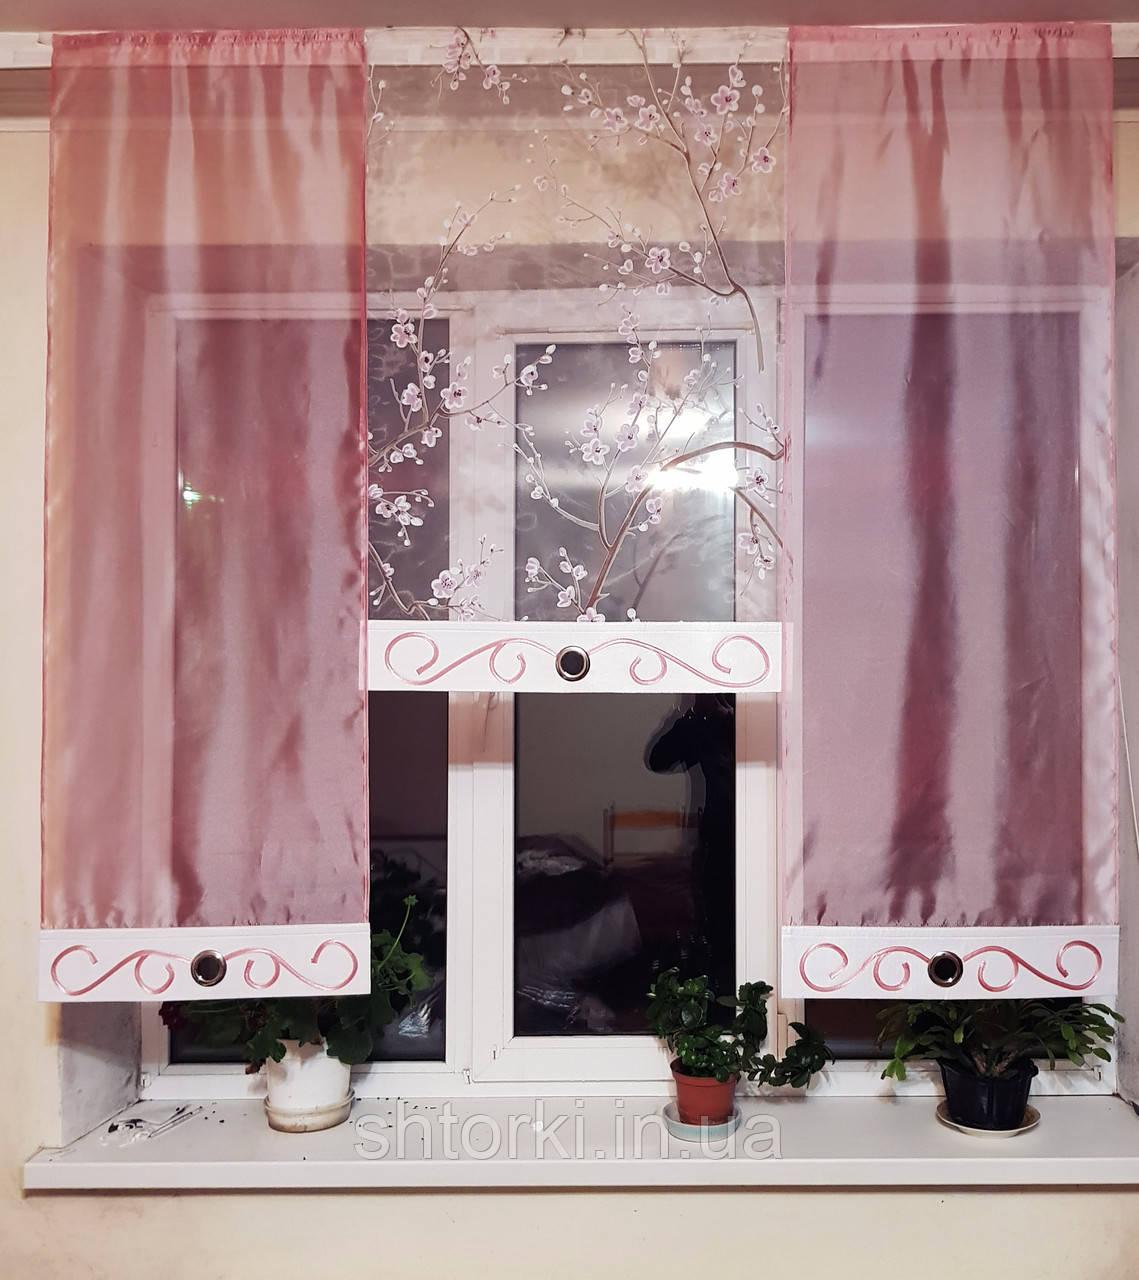 Комплект панелек Сакура сиренево розовая 3шт